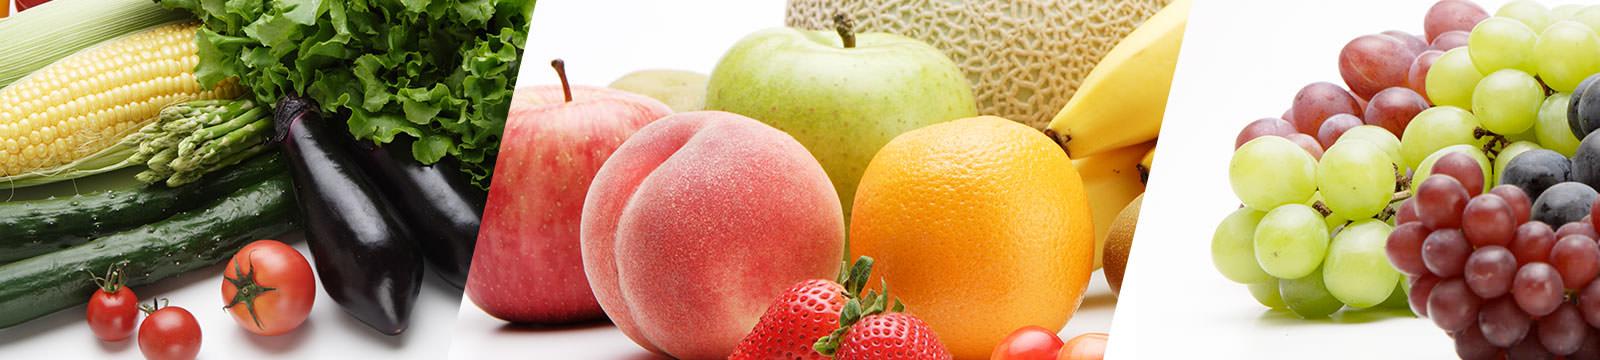 果物・野菜を生産・販売されている方へ